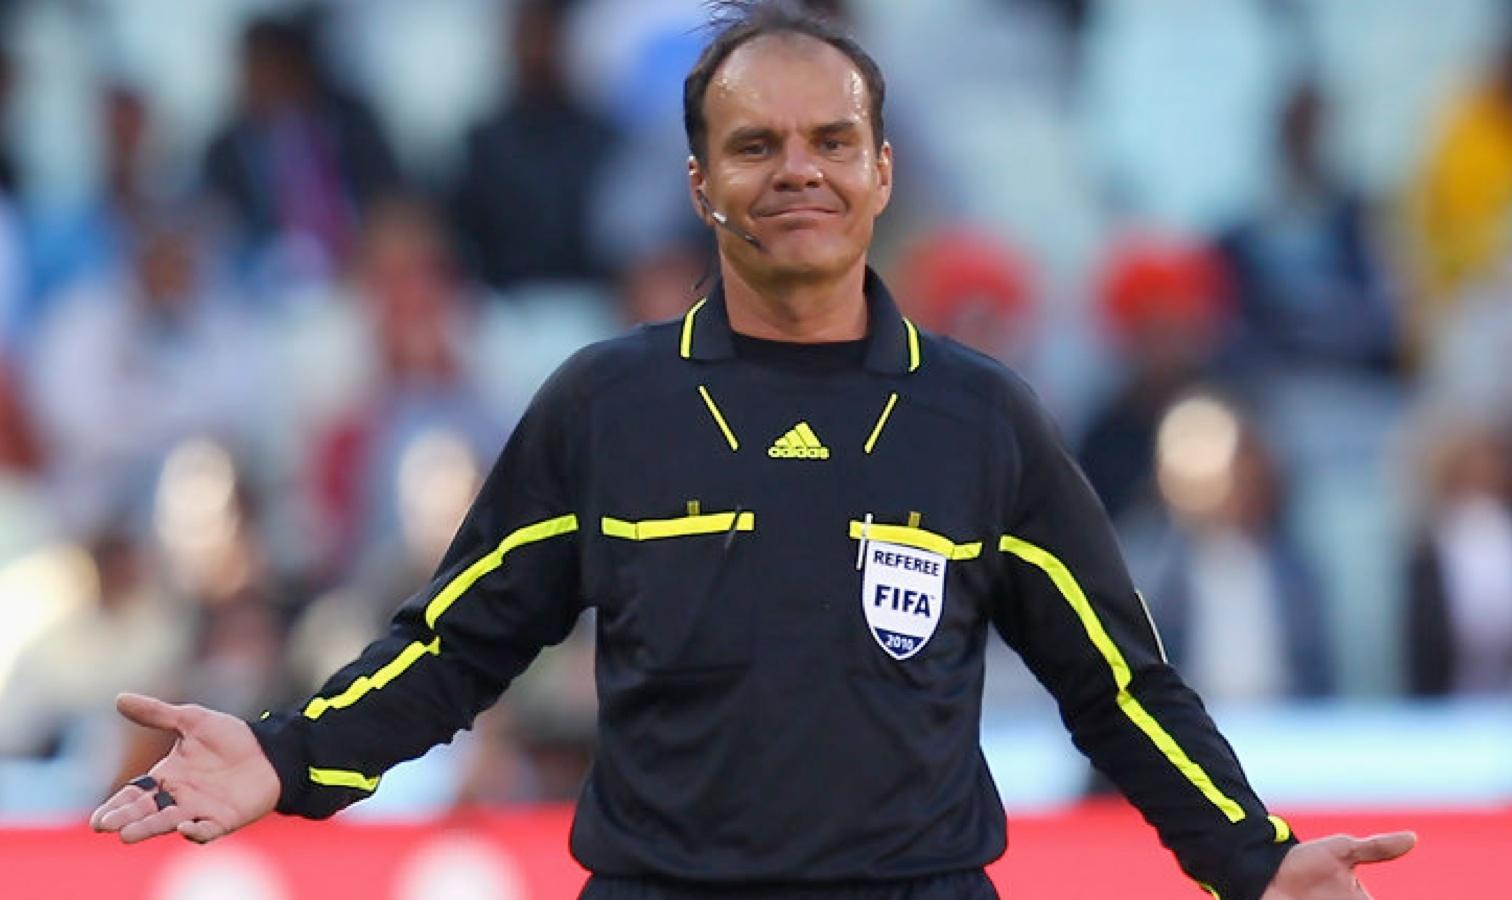 L'ancien arbitre seychellois, Eddy Maillet, responsable de l'arbitrage au sein de la CAF